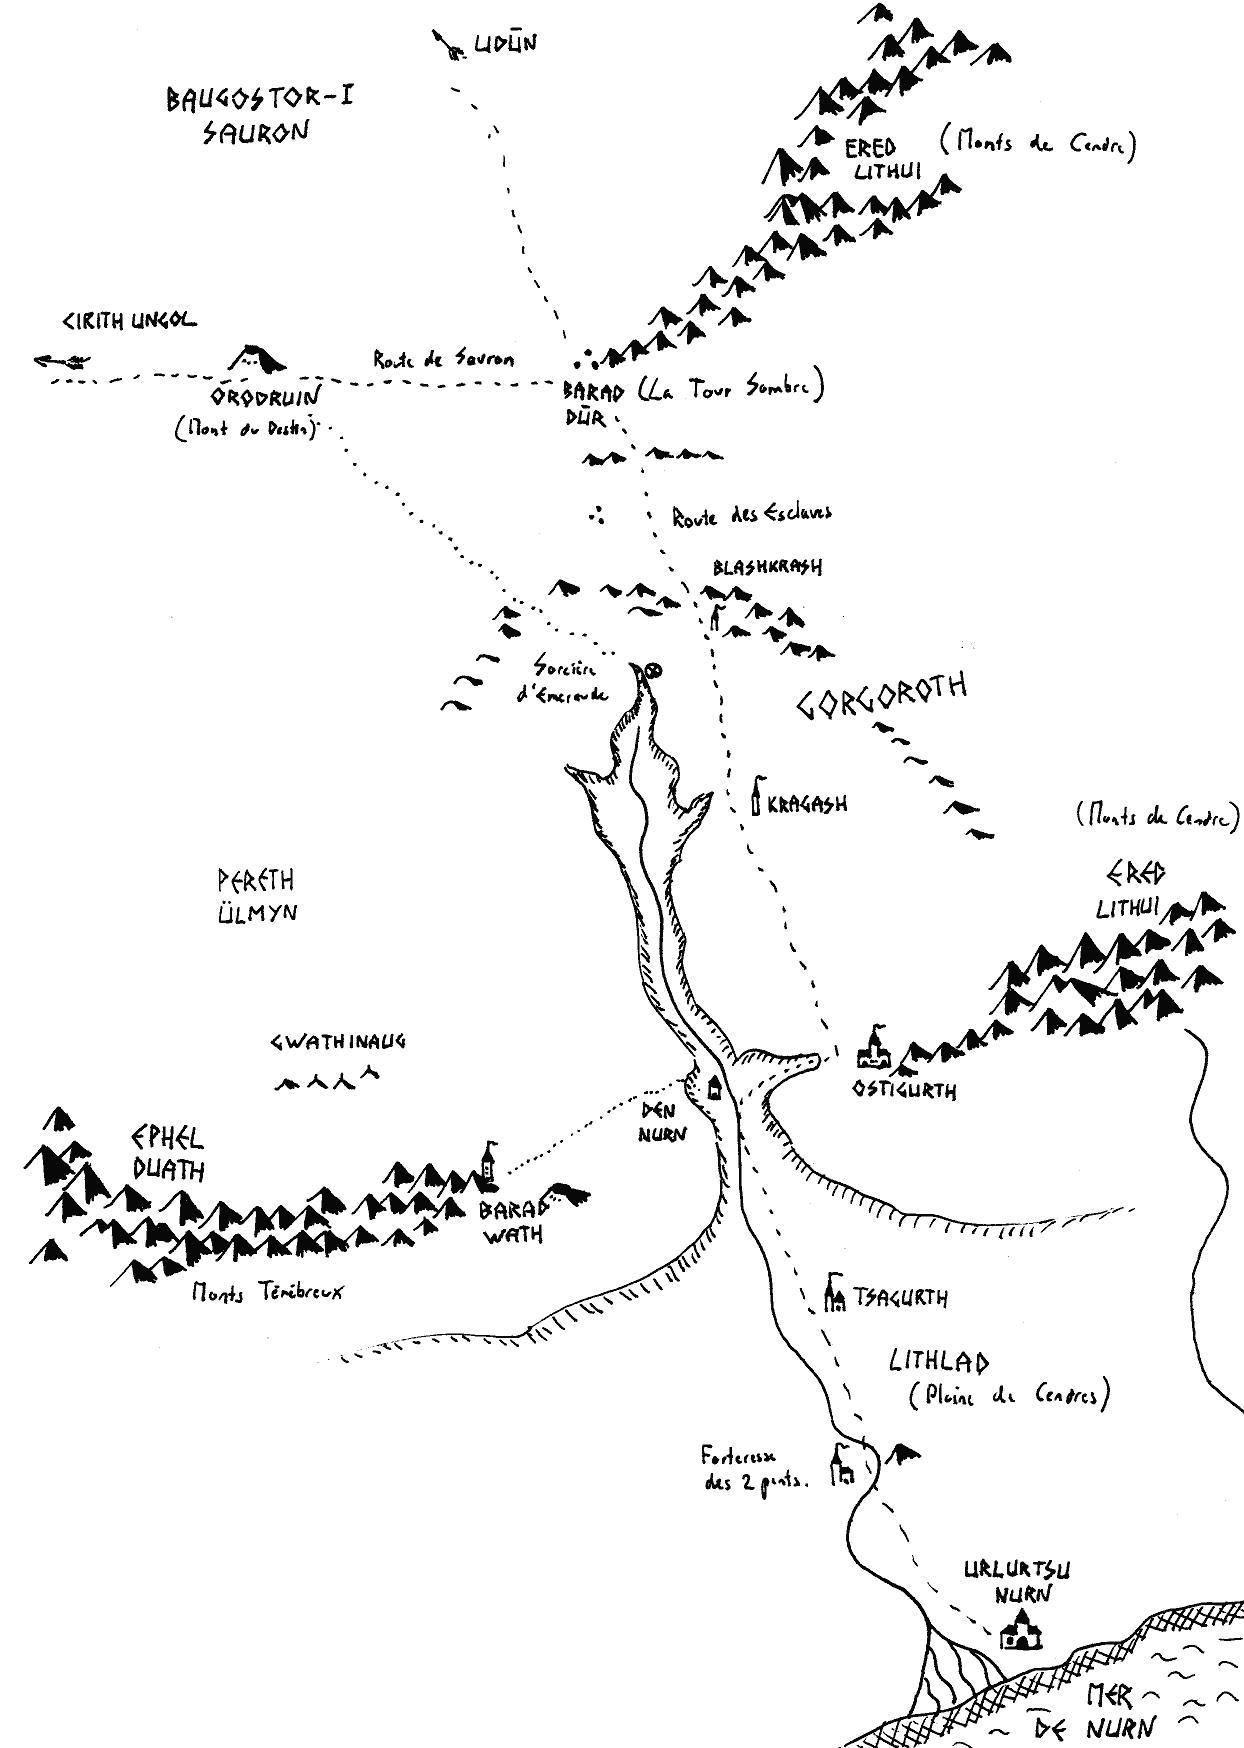 Carte de la zone du Mordor entre la mer de Nurn et le mont du destin